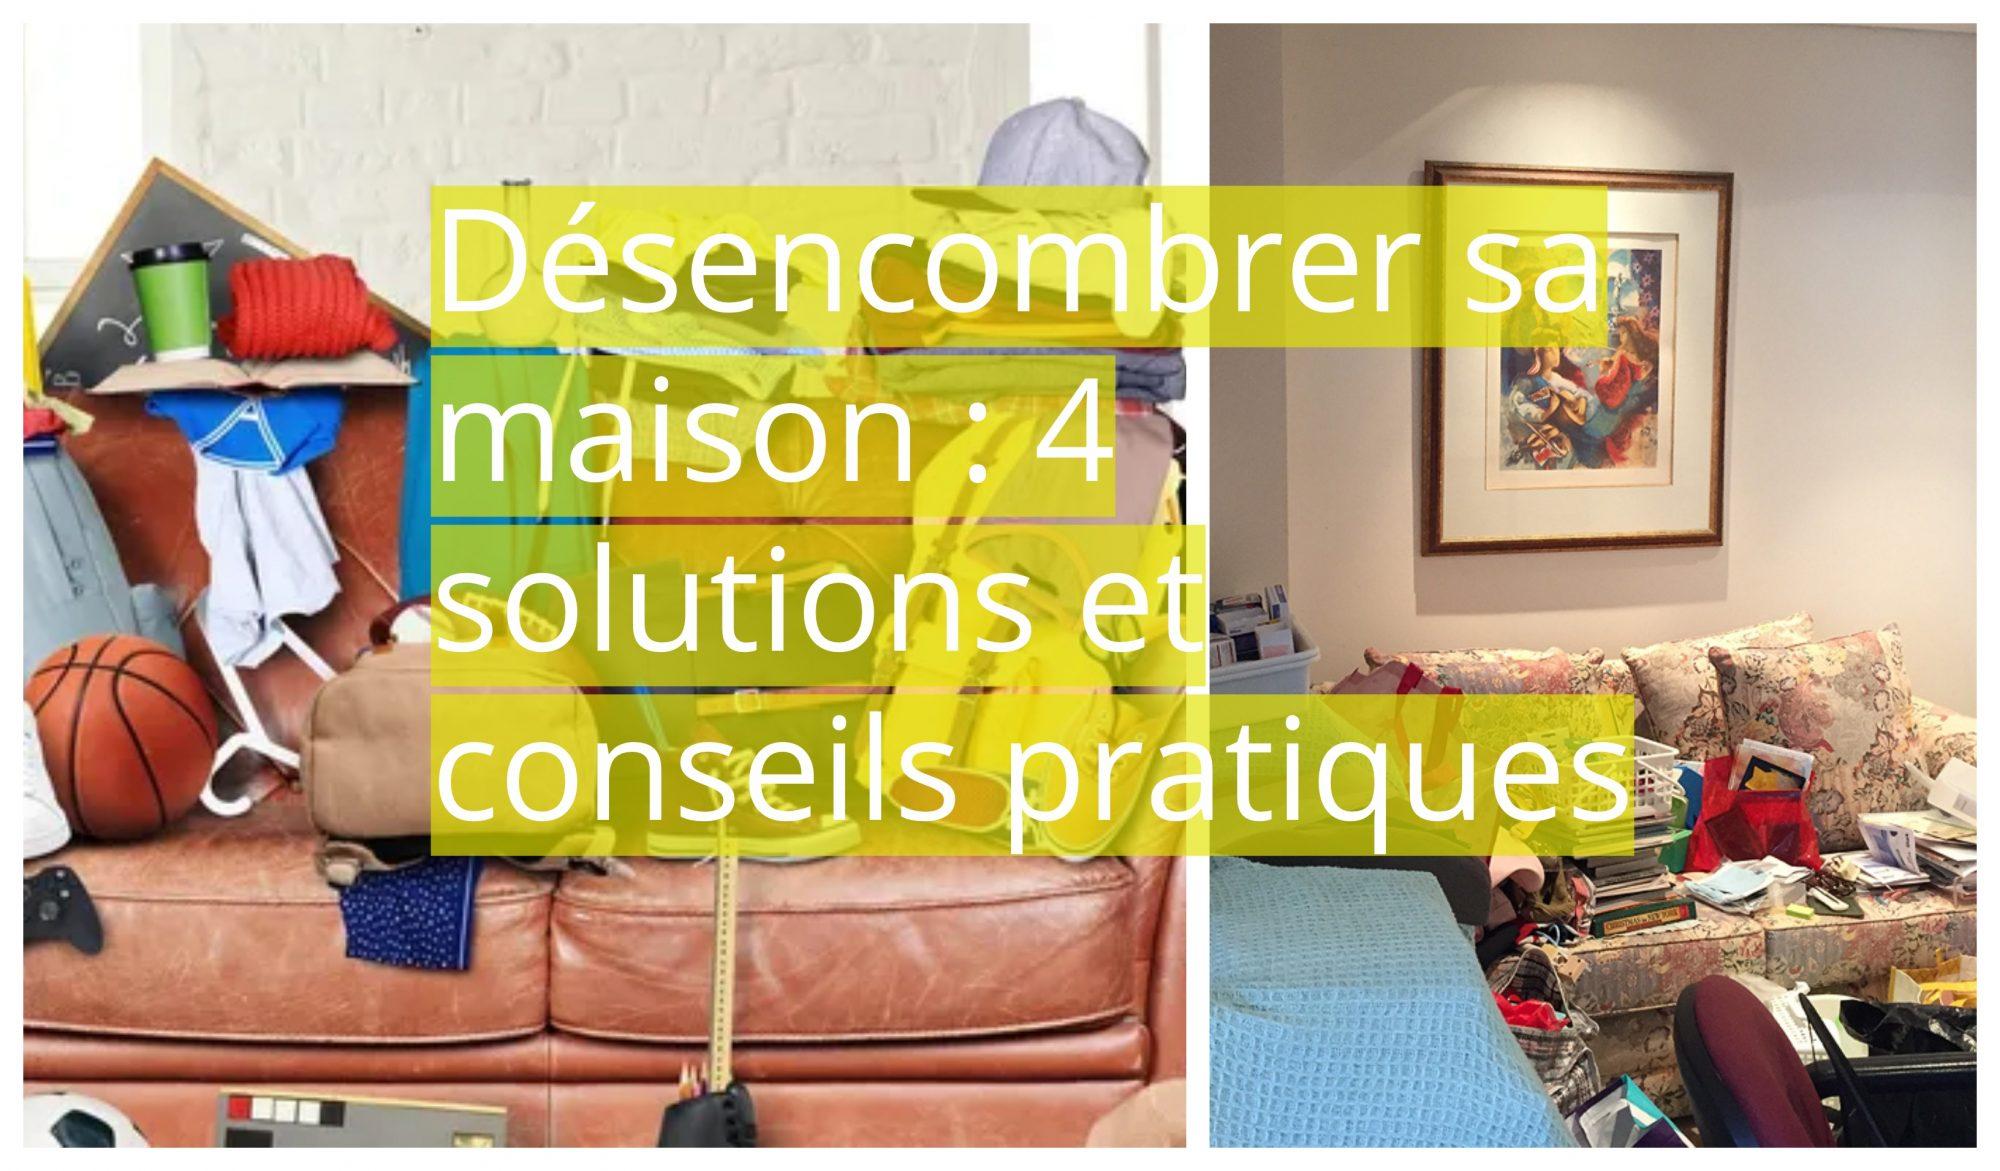 D sencombrer sa maison 4 solutions et conseils pratiques - Desencombrer sa maison ...